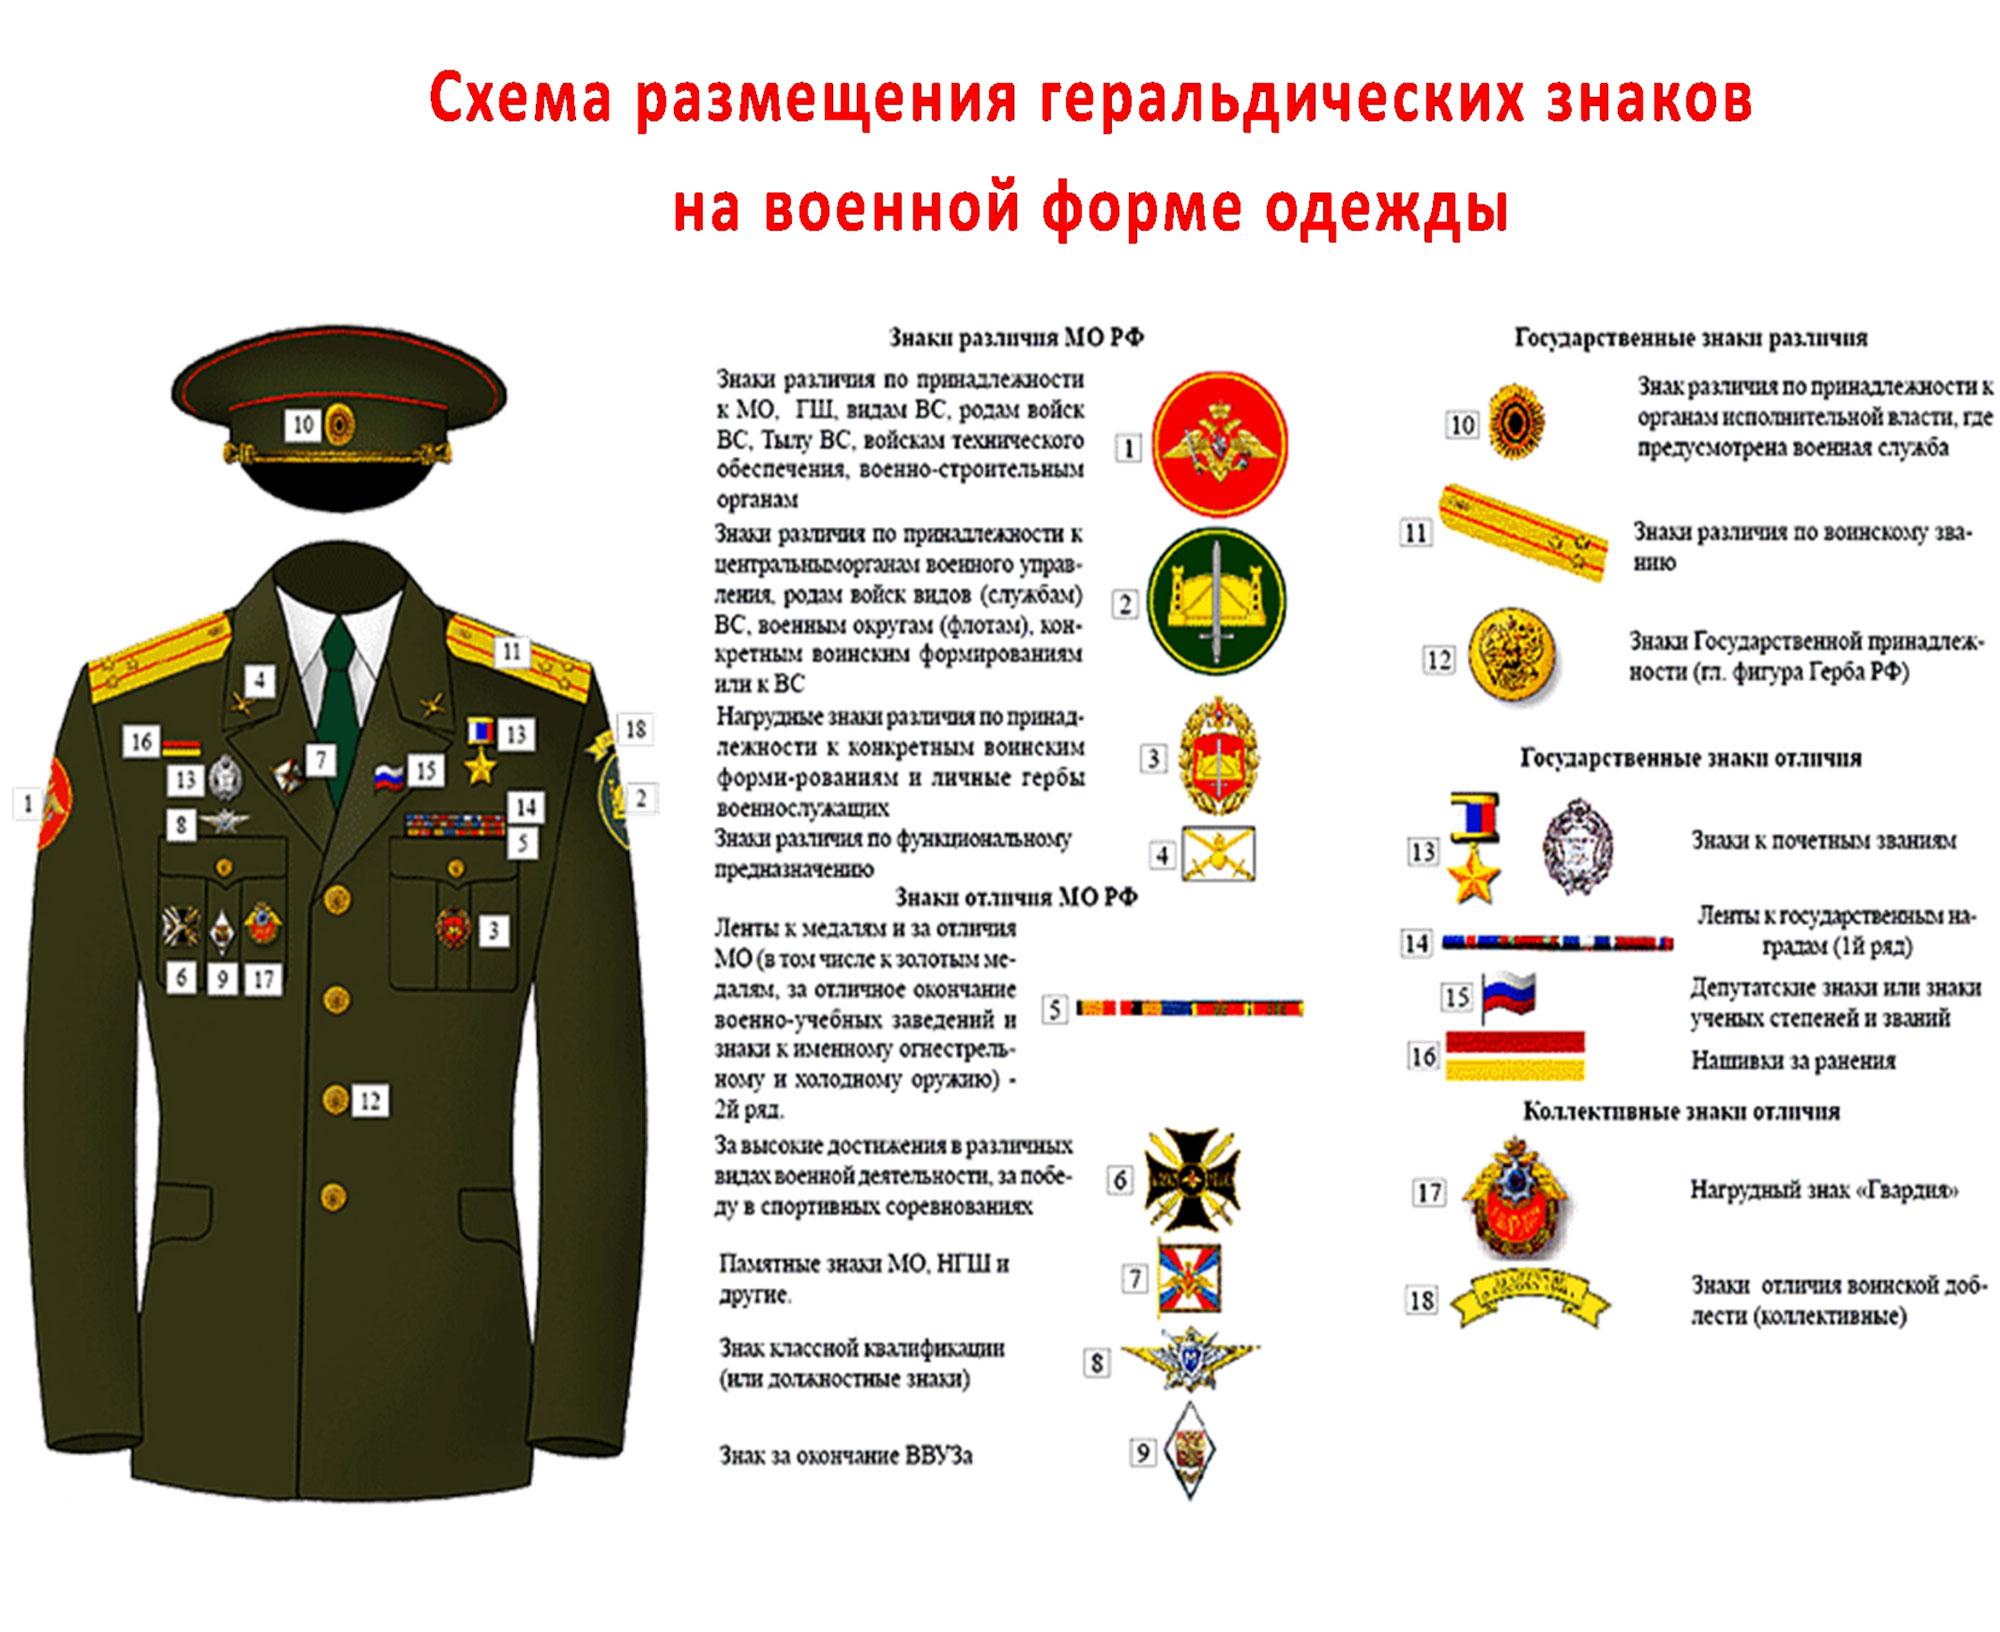 Схема размещения геральдических знаков на военной форме образца 2006-2008 г.